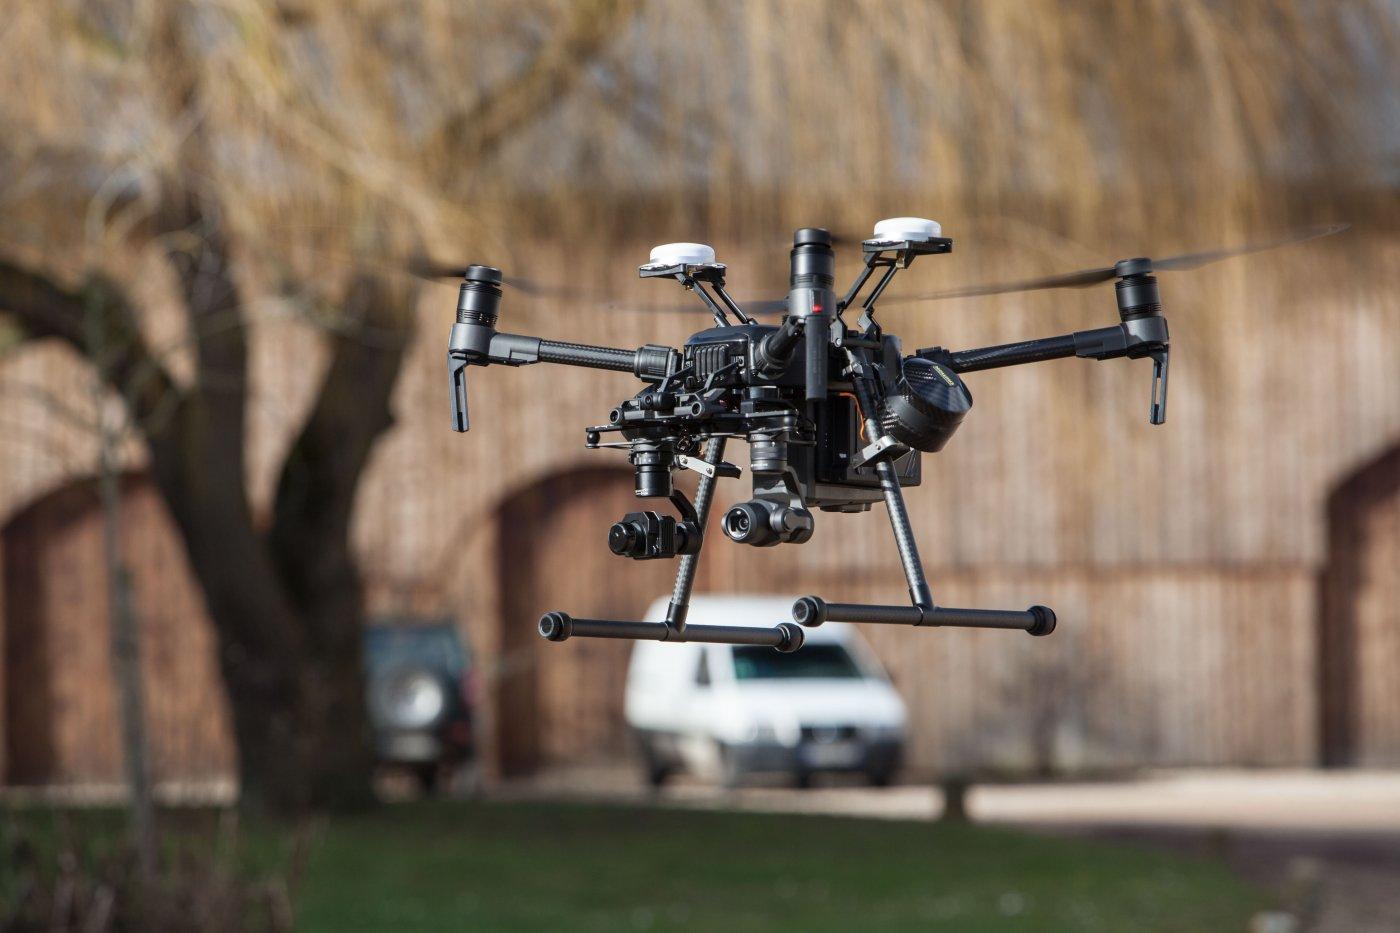 formation-drone-est-utile-pour-inspection